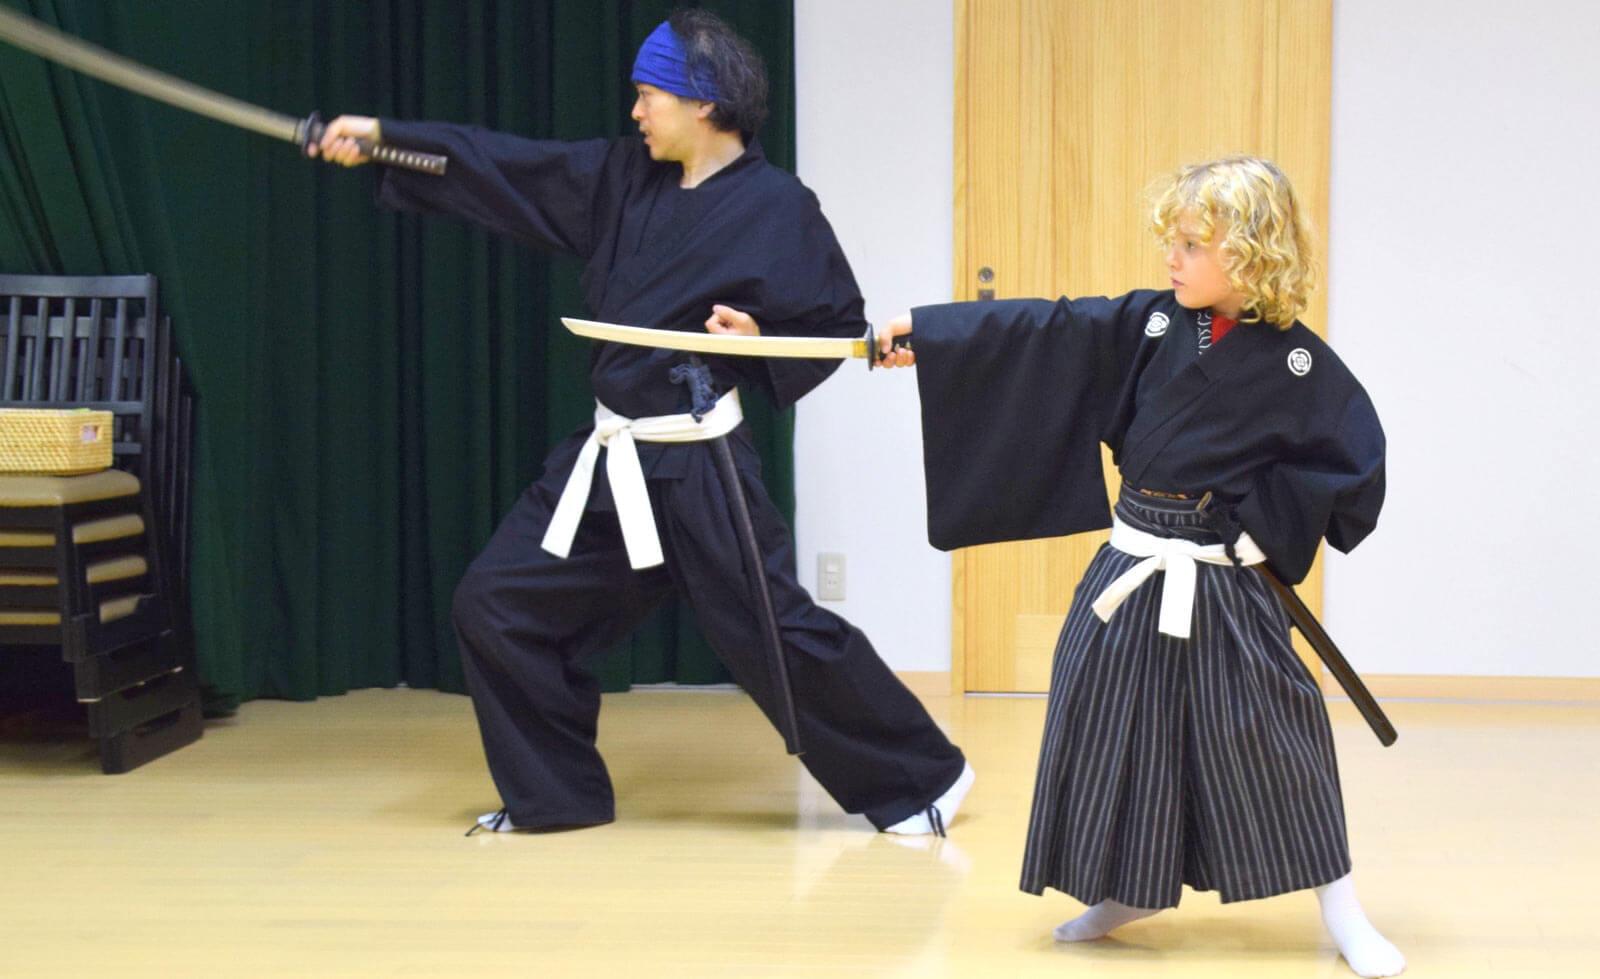 Samurai Kembu training © Aleney de Winter